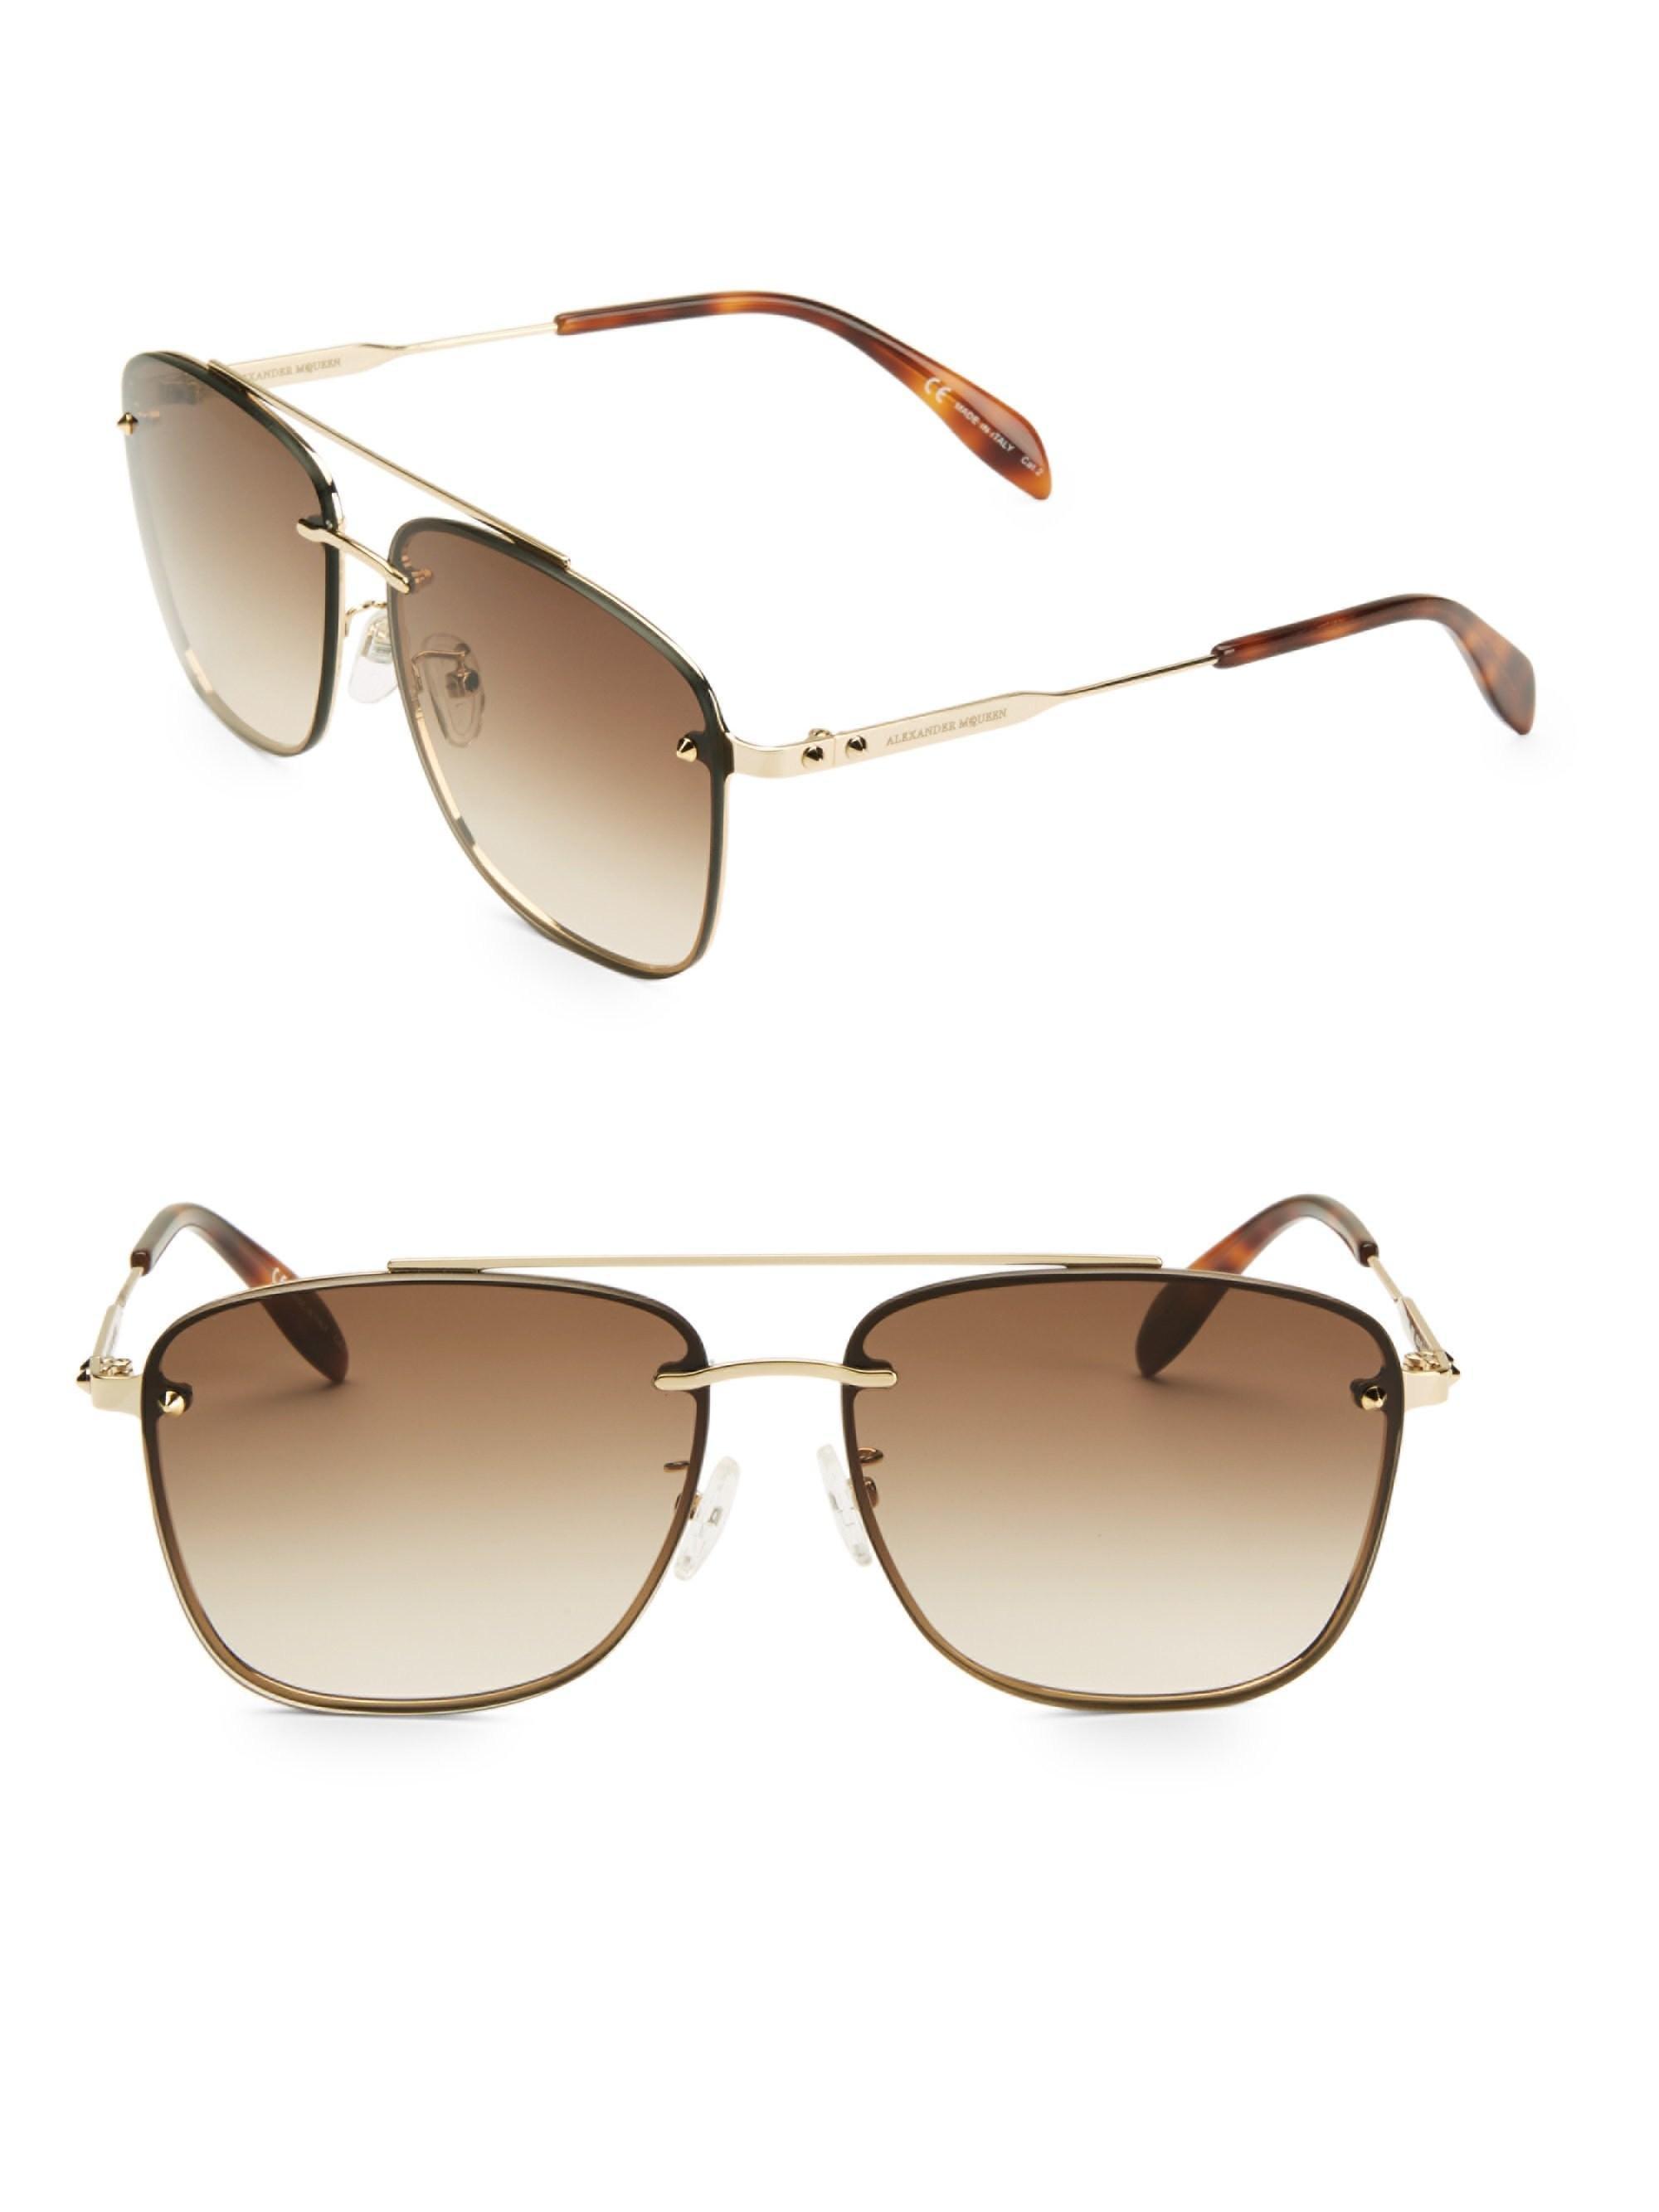 b3707637bd5b7 Alexander McQueen - Metallic Men s 62mm Sunglasses - Gold for Men - Lyst.  View fullscreen